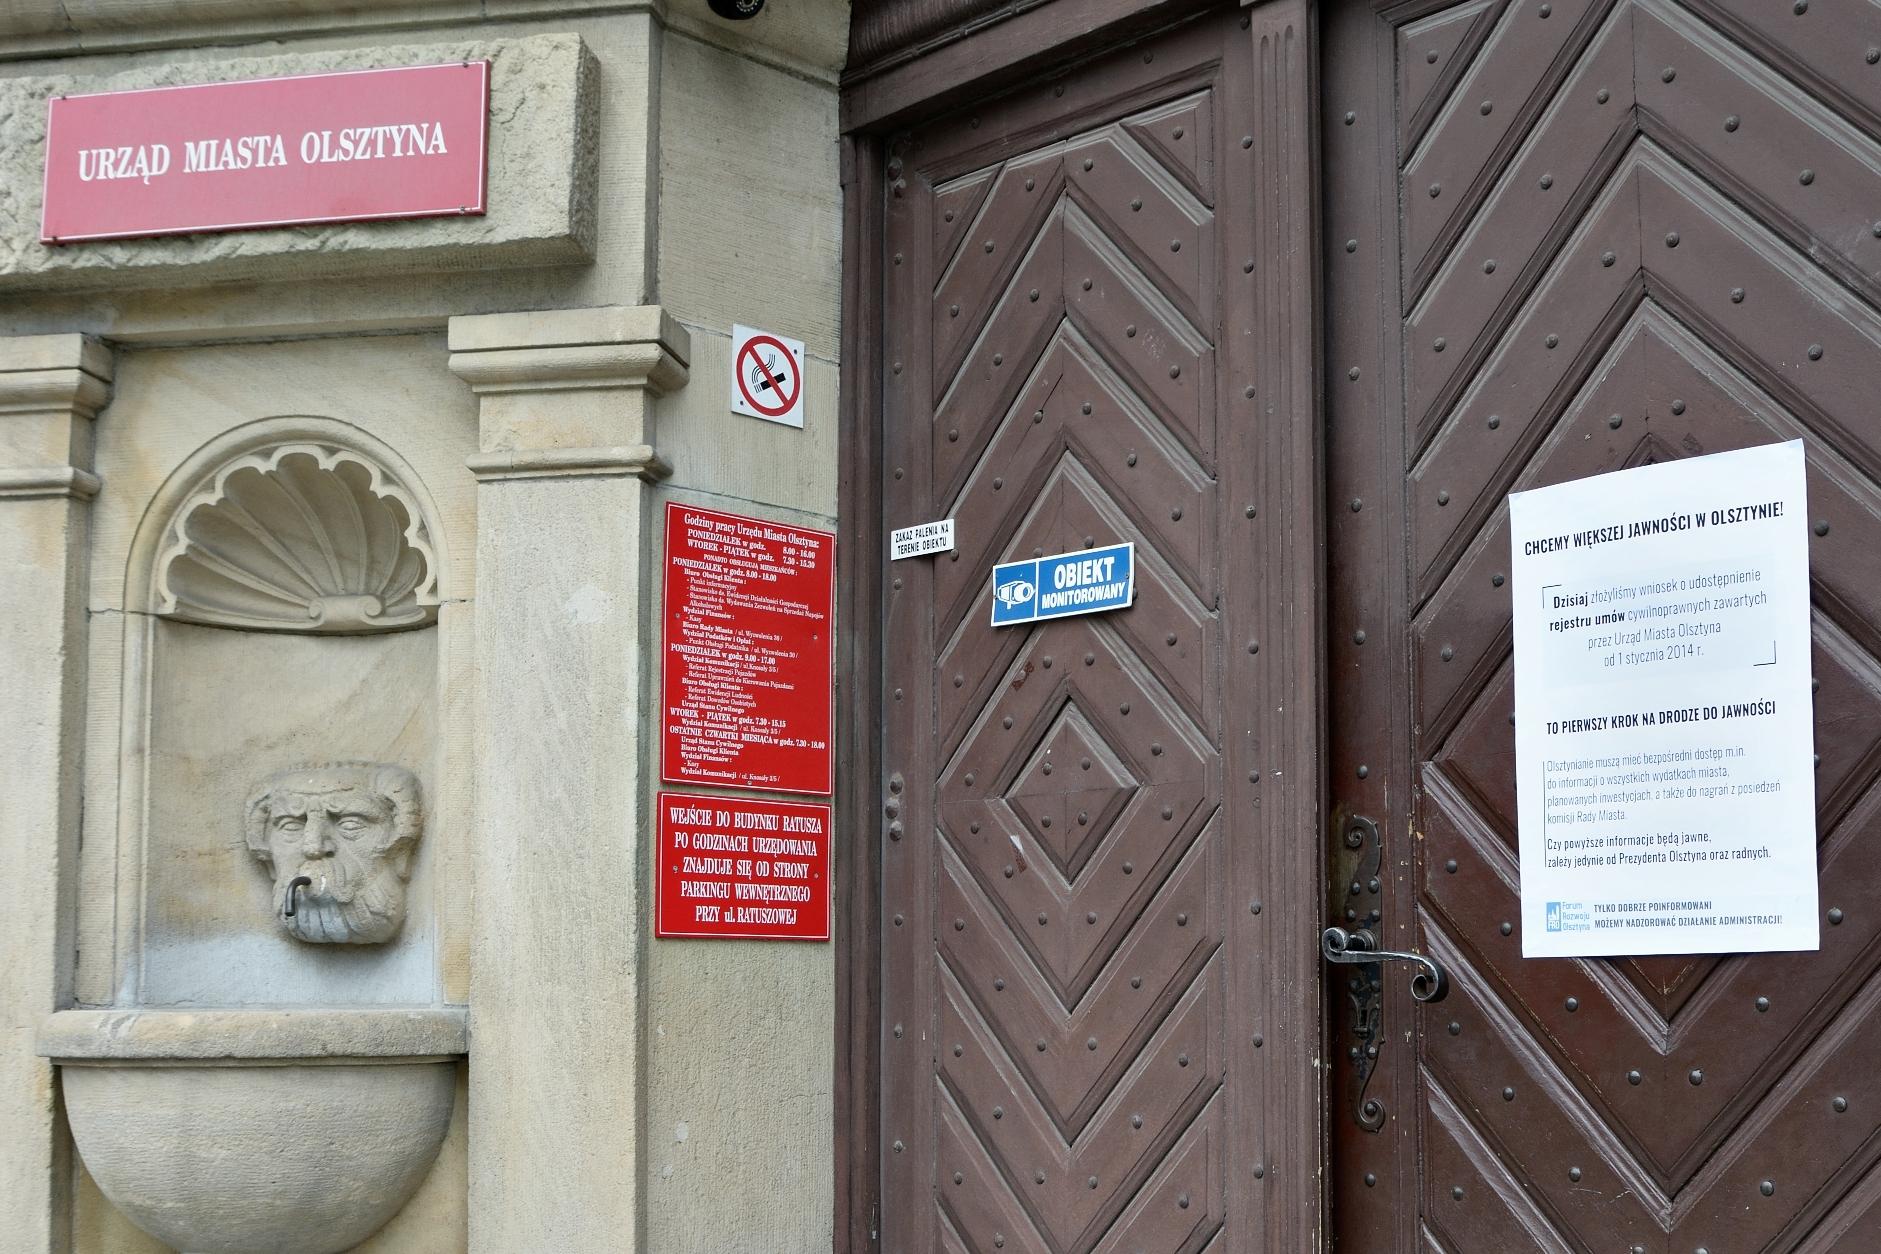 Plakat na drzwiach wejściowych olsztyńskiego ratusza